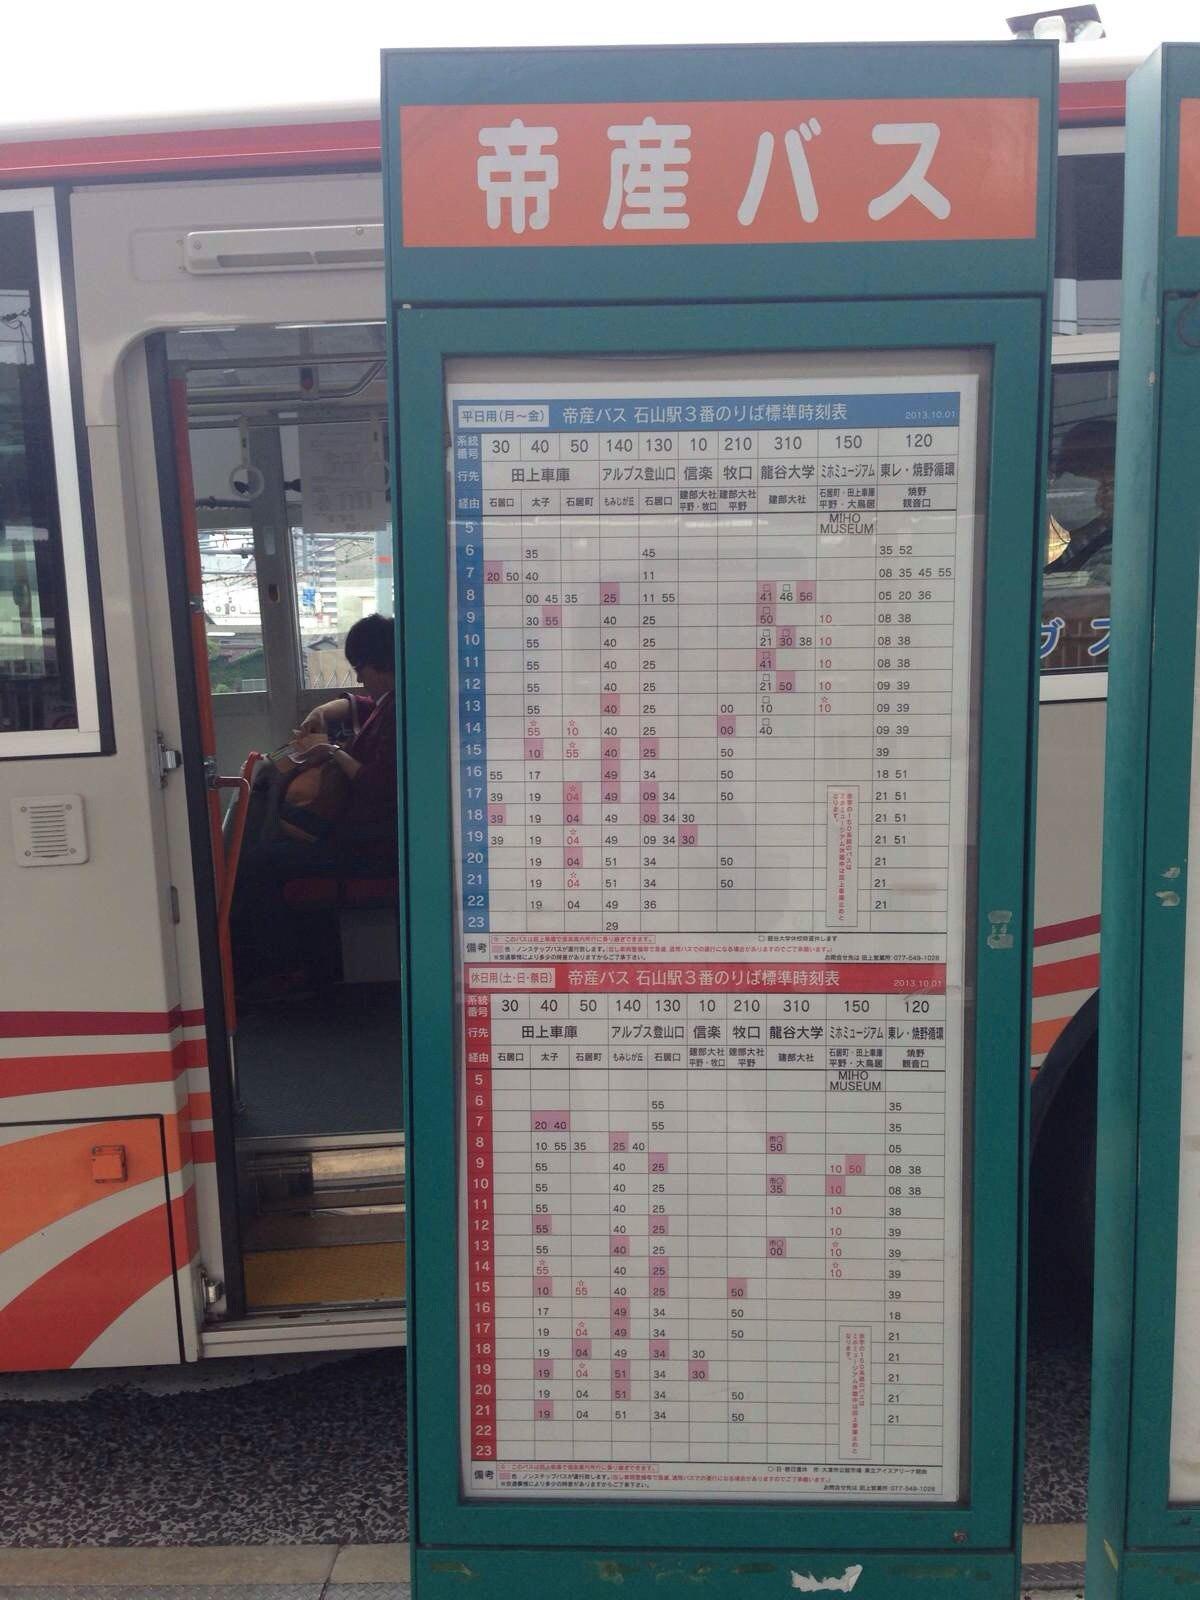 京都205巴士路线图